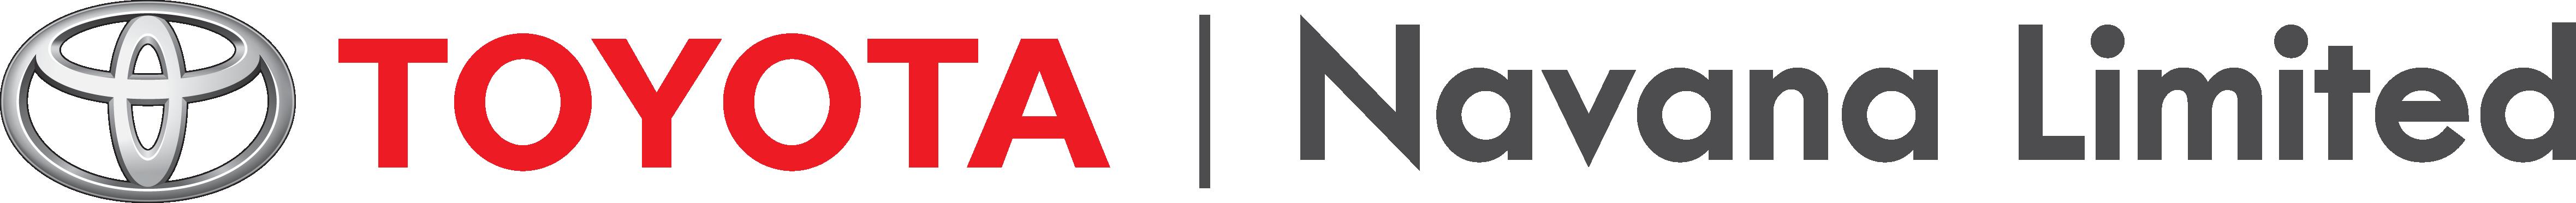 https://assets.roar.media/assets/mGOBvT9mzVGkha4R_TOYOTA-Navana-Limited-Logo-2018.png